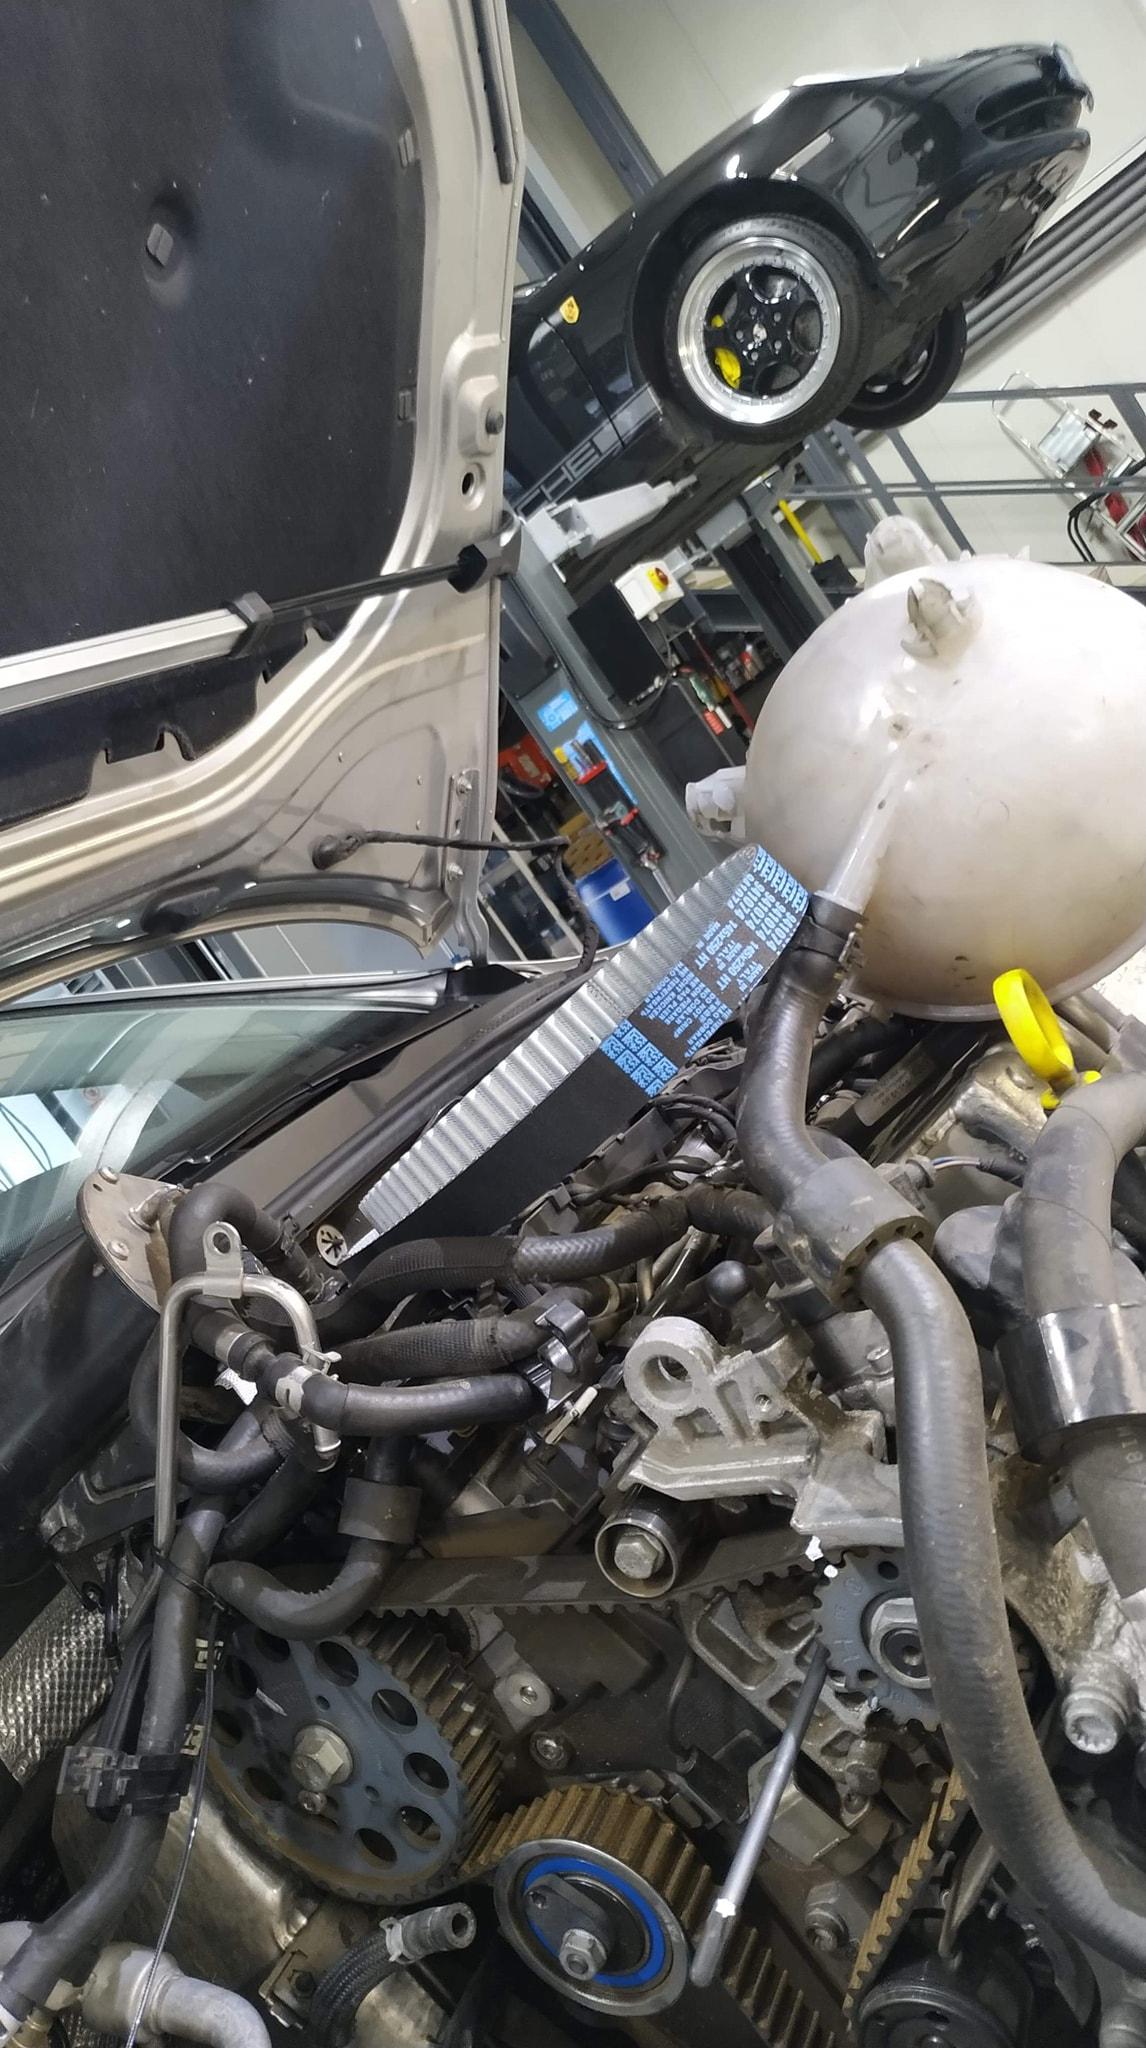 Elektrotermické modelování elektronického automobilového elektrického systému a inteligentní řízení MOSFET k ochraně kabelových svazků, prevenci zhoršených zkratů a snížení hmotnosti kabeláže